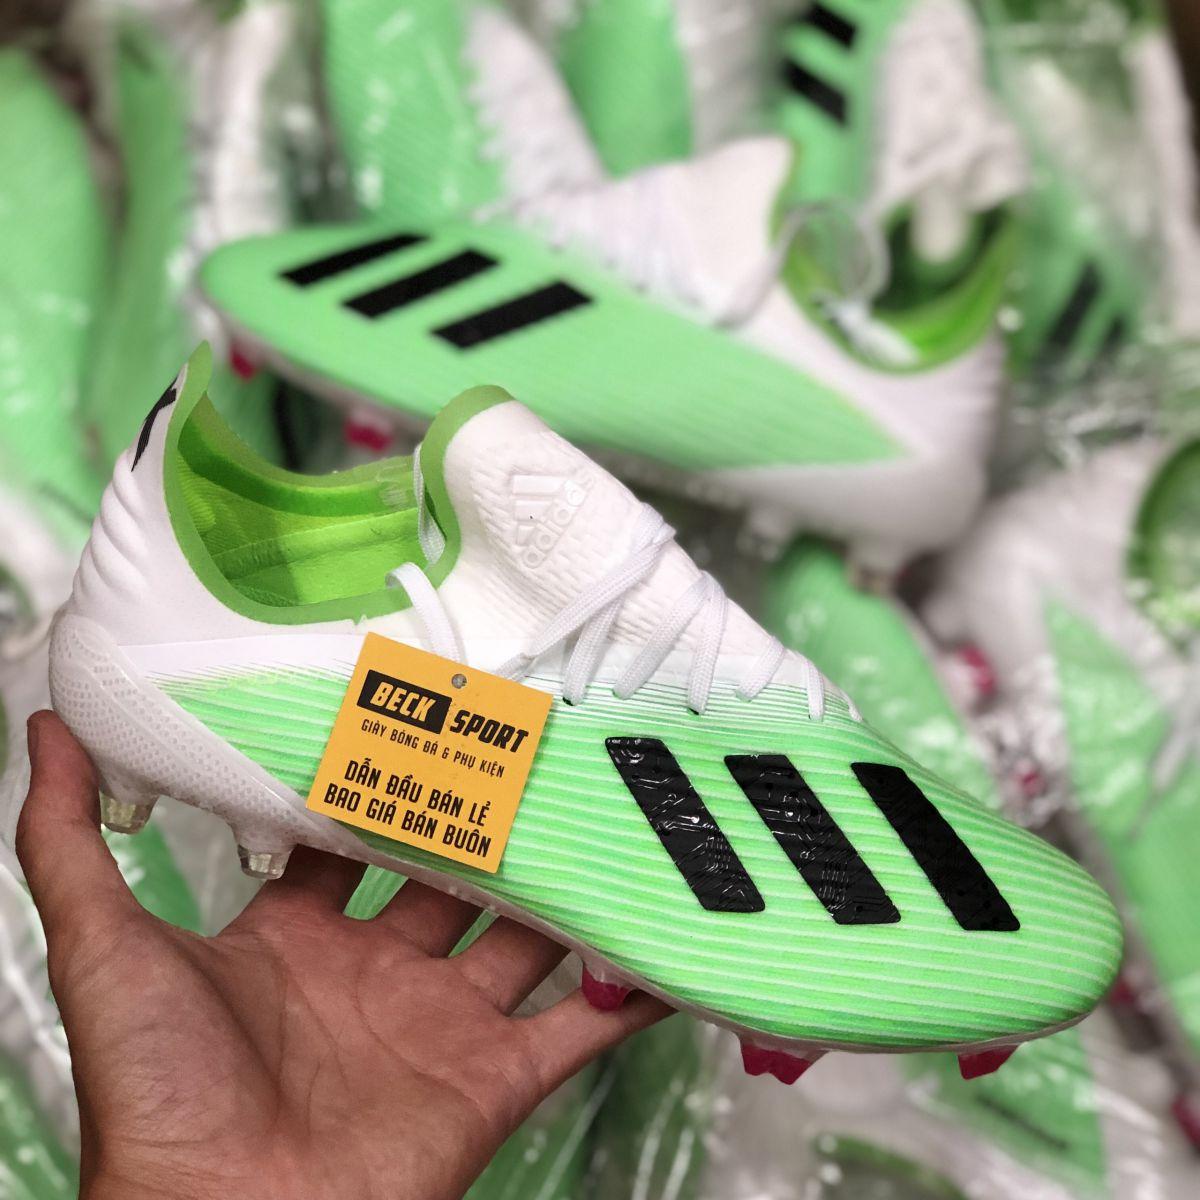 Giày Bóng Đá Adidas X 19.1 Xanh Lá Vạch Đen Gót Trắng FG